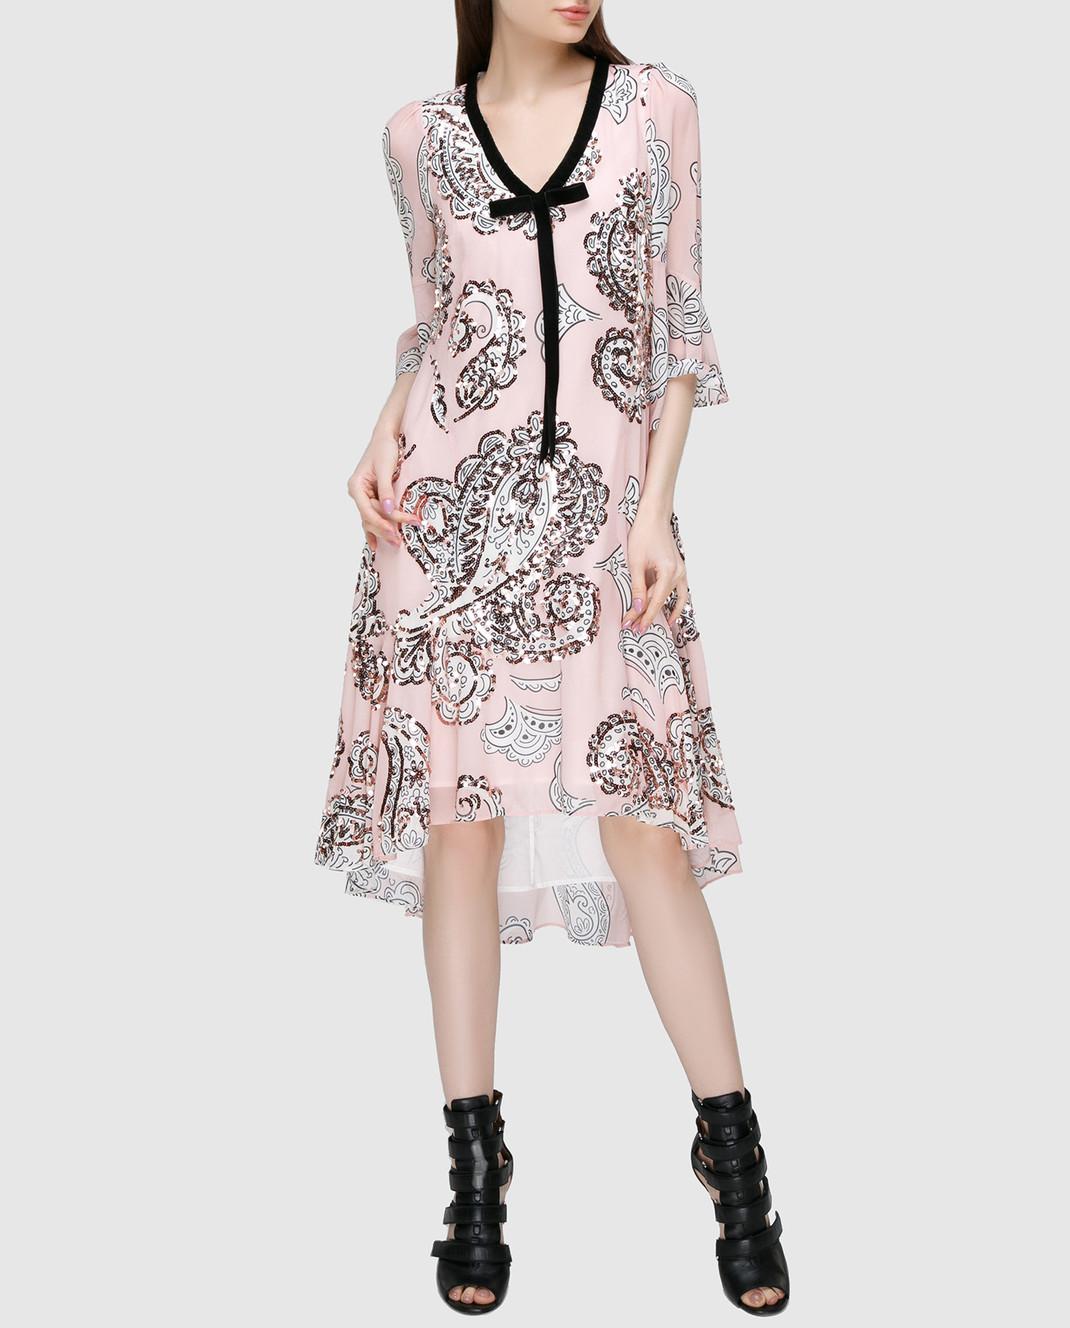 Manoush Персиковое платье ME7PPRO изображение 2